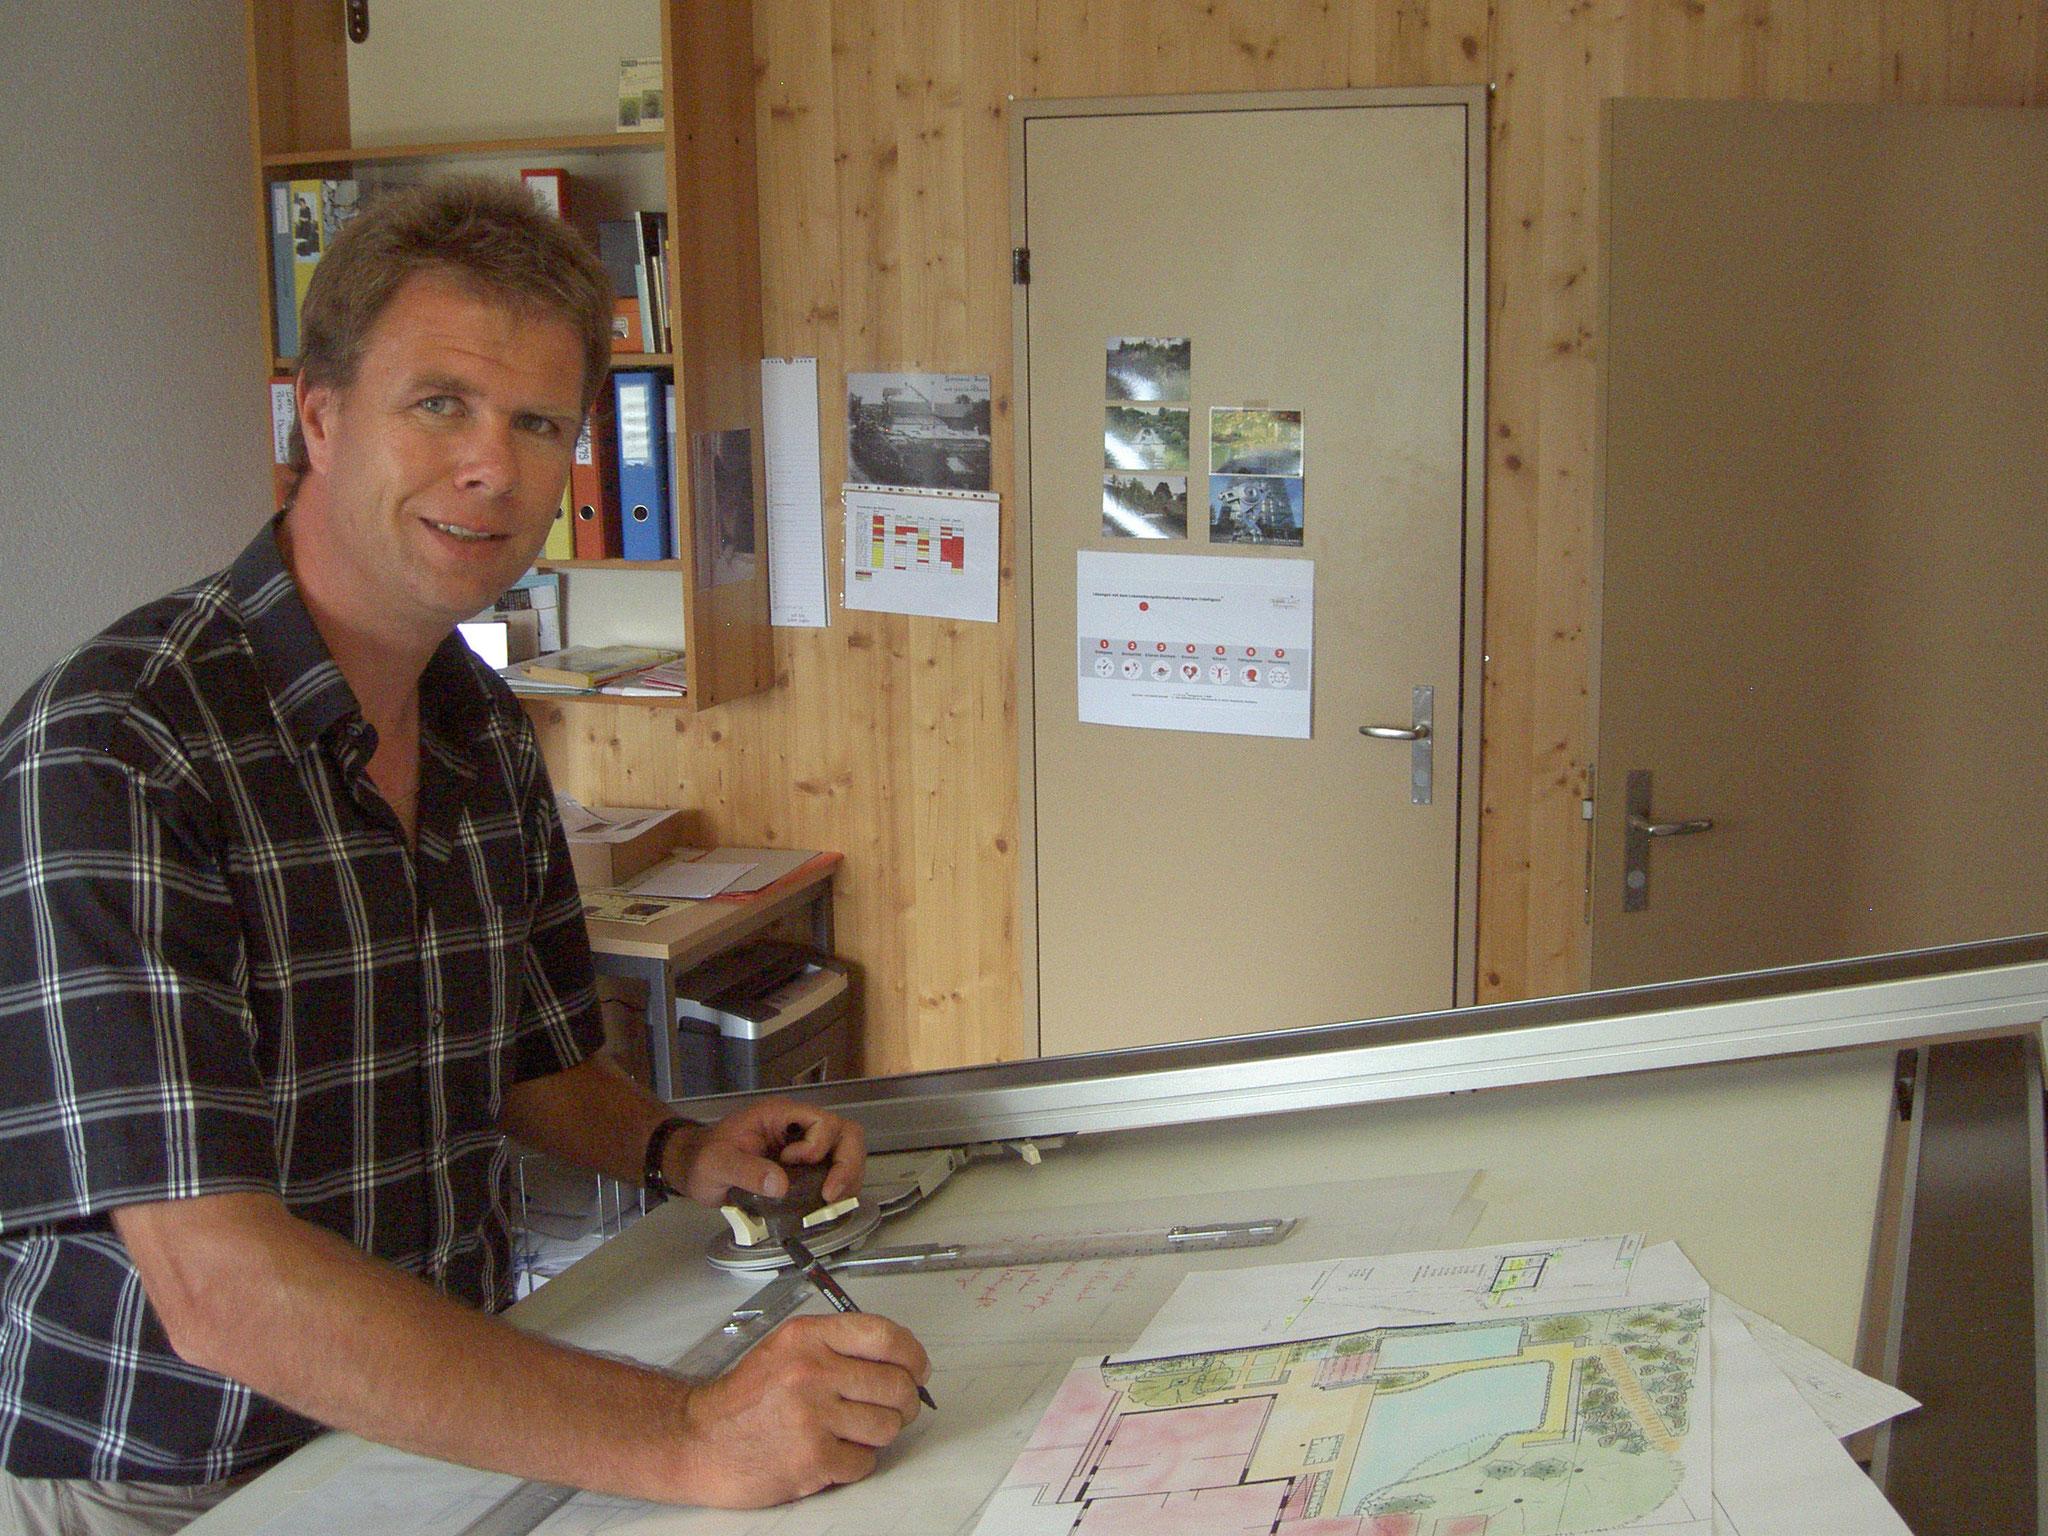 Hier entsteht die individuelle, Kunden- und Objektbezogene Gartenplanung